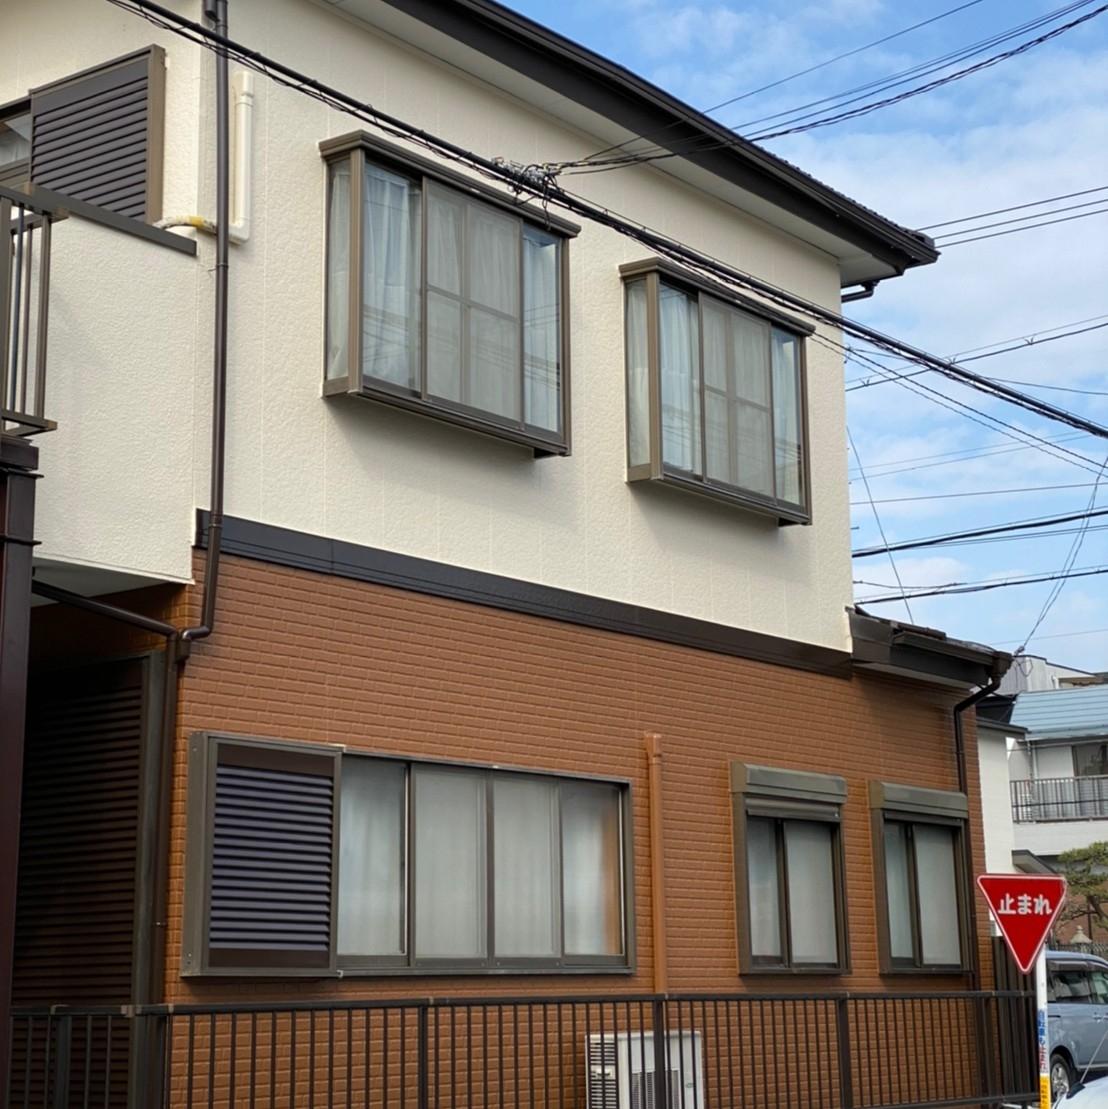 jirei_image54648